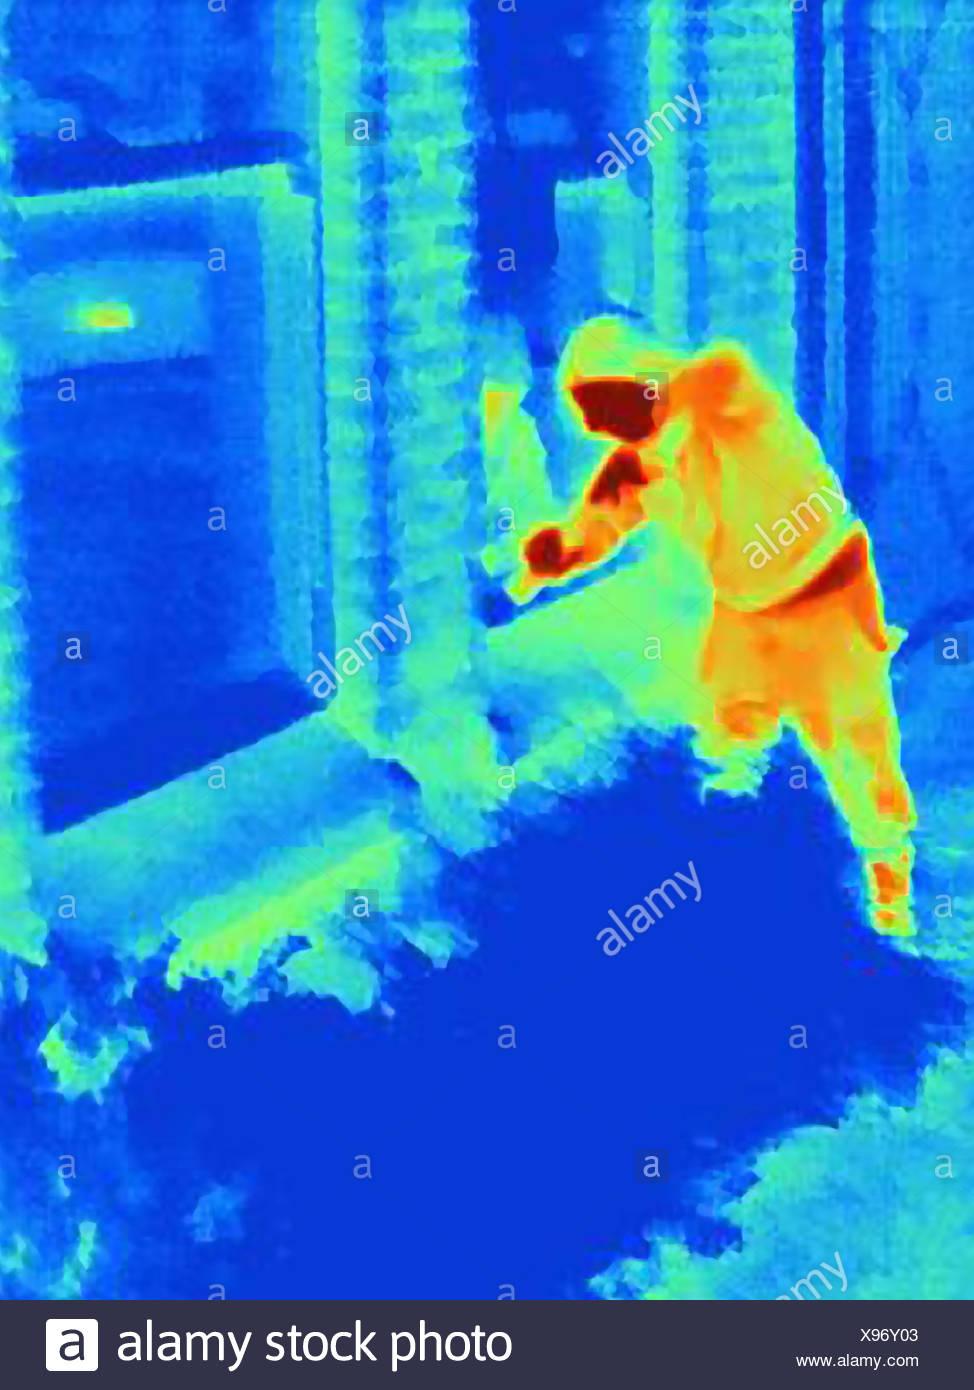 Fotografía térmica de un ladrón entrando en una casa Imagen De Stock